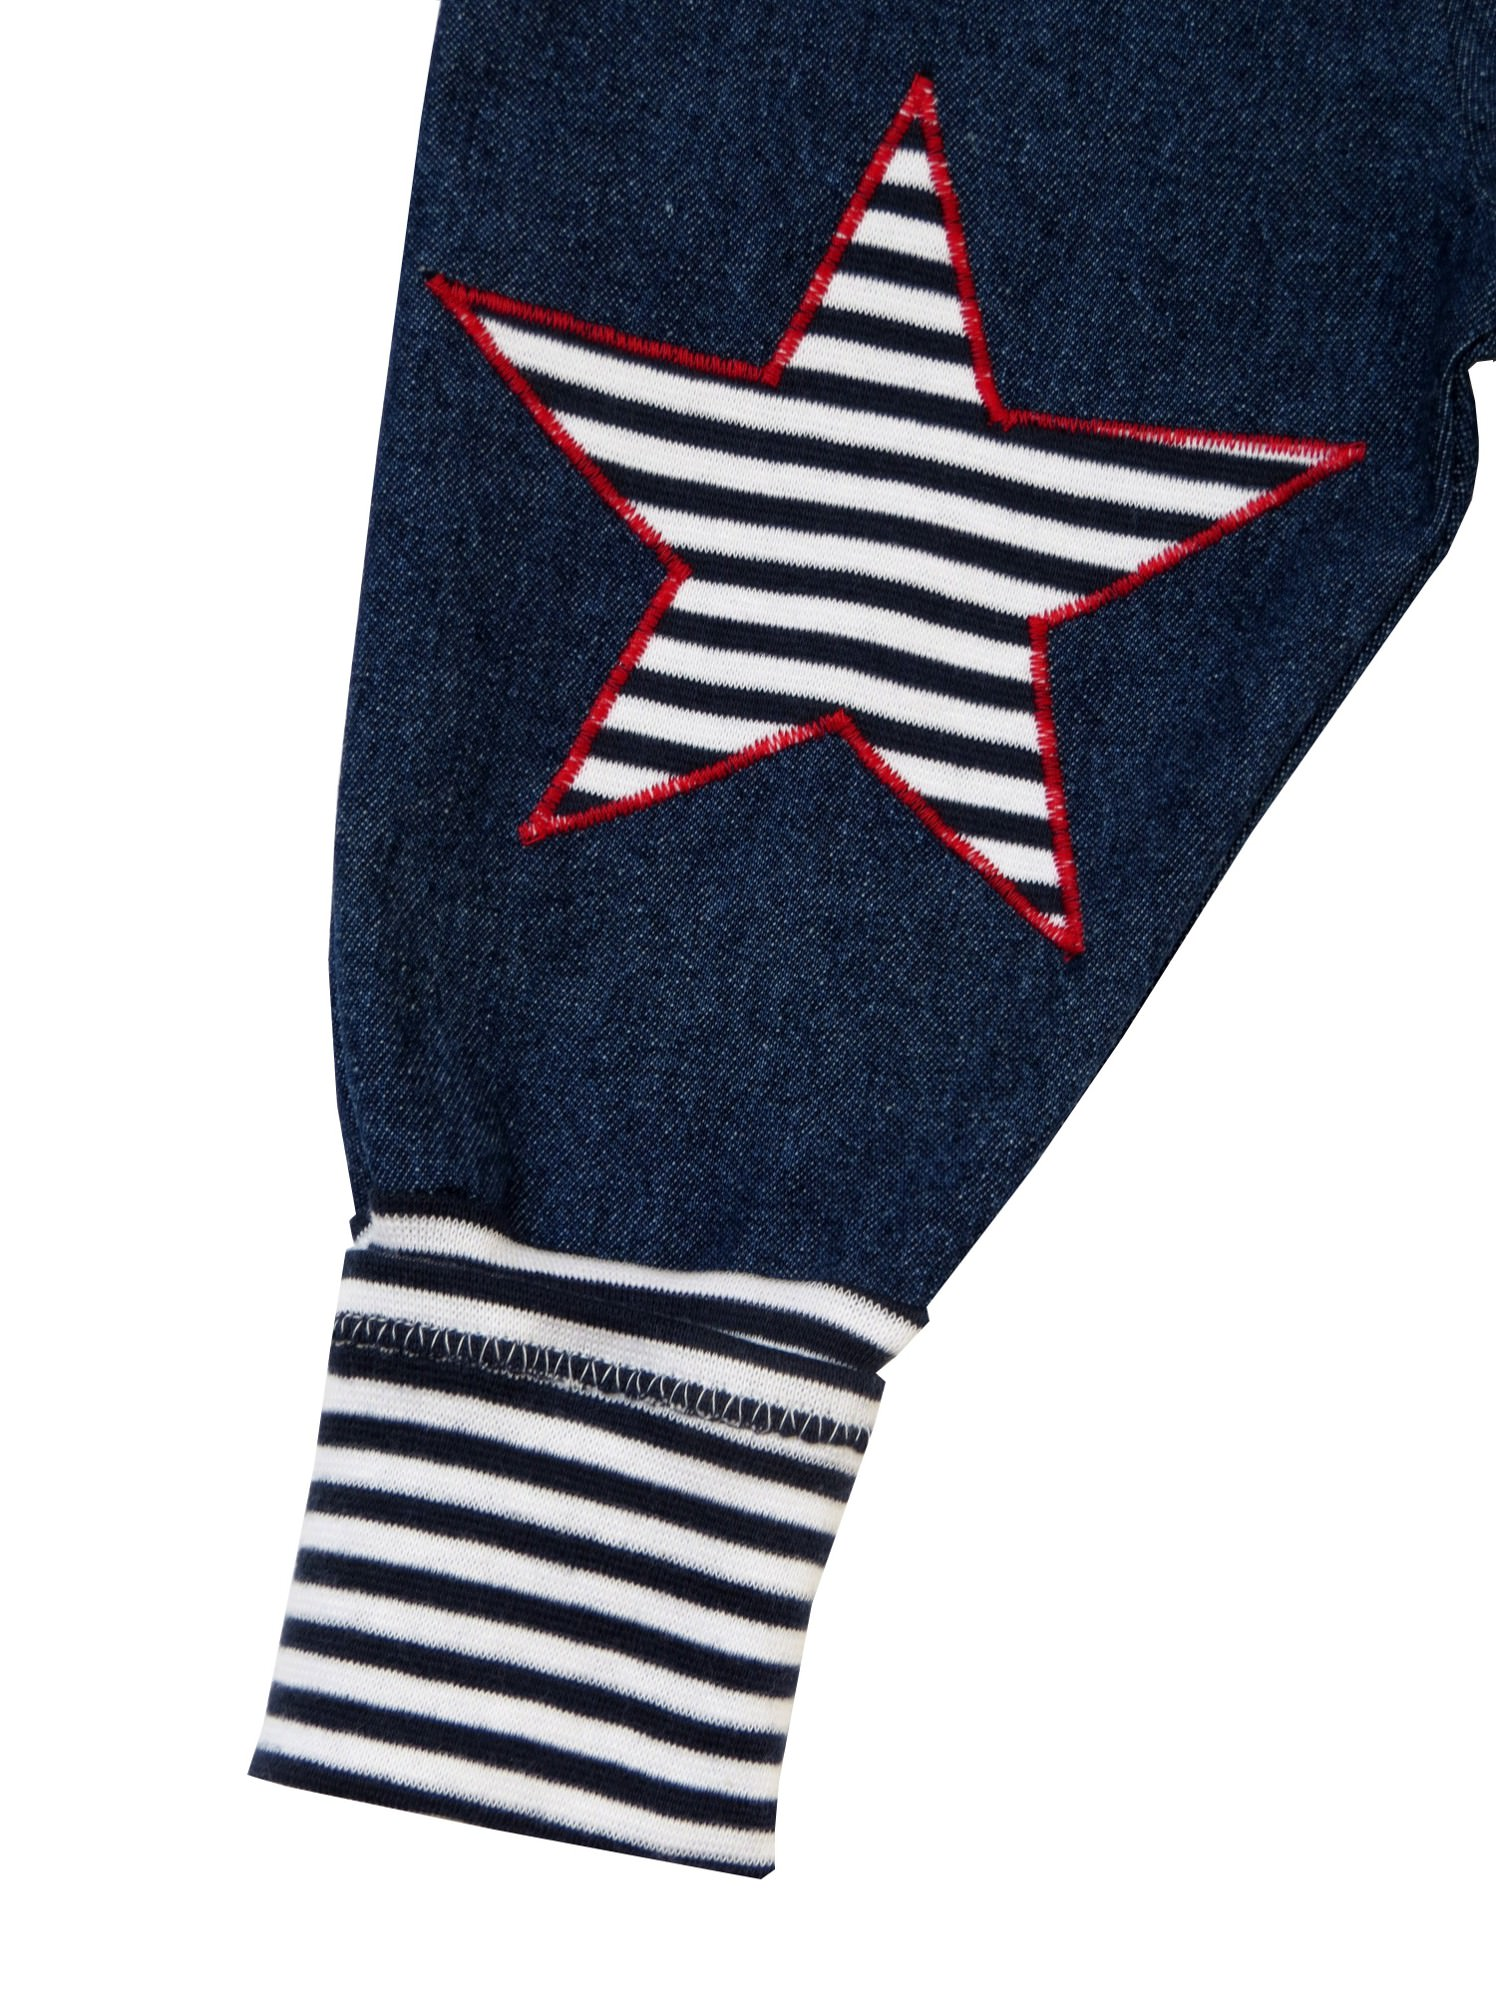 Kleinesbild - Jeans Mitwachshose Stern blau weiß Babyhose Hose Pumphose